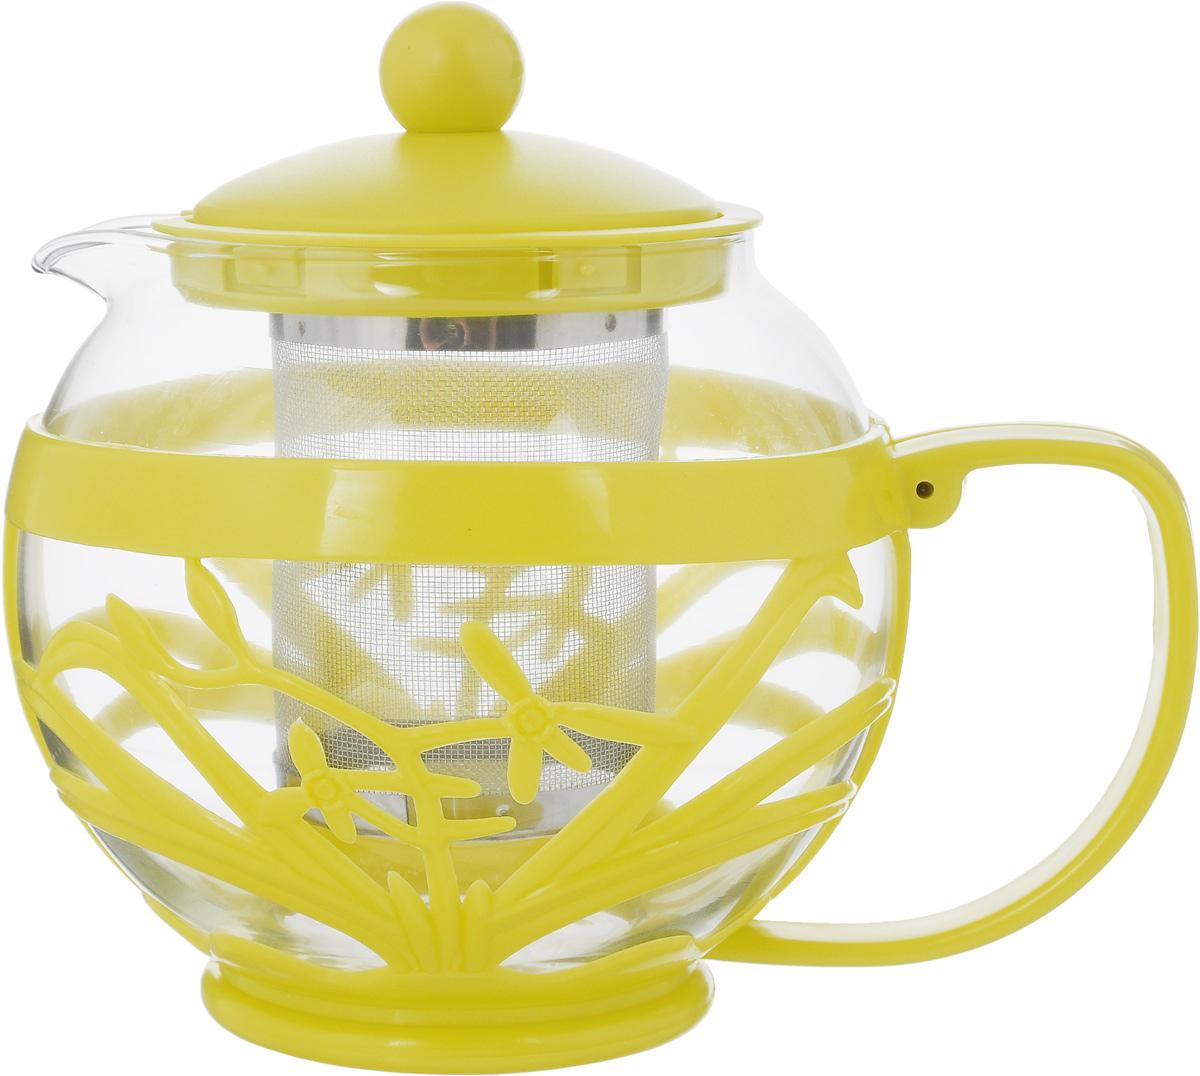 Чайник заварочный Menu Мелисса, с фильтром, цвет: прозрачный, желтый, 750 млMLS-75_прозрачный, желтыйЧайник Menu Мелисса изготовлен из прочного стекла и пластика. Он прекрасно подойдет для заваривания чая и травяных напитков. Классический стиль и оптимальный объем делают его удобным и оригинальным аксессуаром. Изделие имеет удлиненный металлический фильтр, который обеспечивает высокое качество фильтрации напитка и позволяет заварить чай даже при небольшом уровне воды. Ручка чайника не нагревается и обеспечивает безопасность использования. Нельзя мыть в посудомоечной машине. Диаметр чайника (по верхнему краю): 8 см. Высота чайника (без учета крышки): 11 см. Размер фильтра: 6 х 6 х 7,2 см.